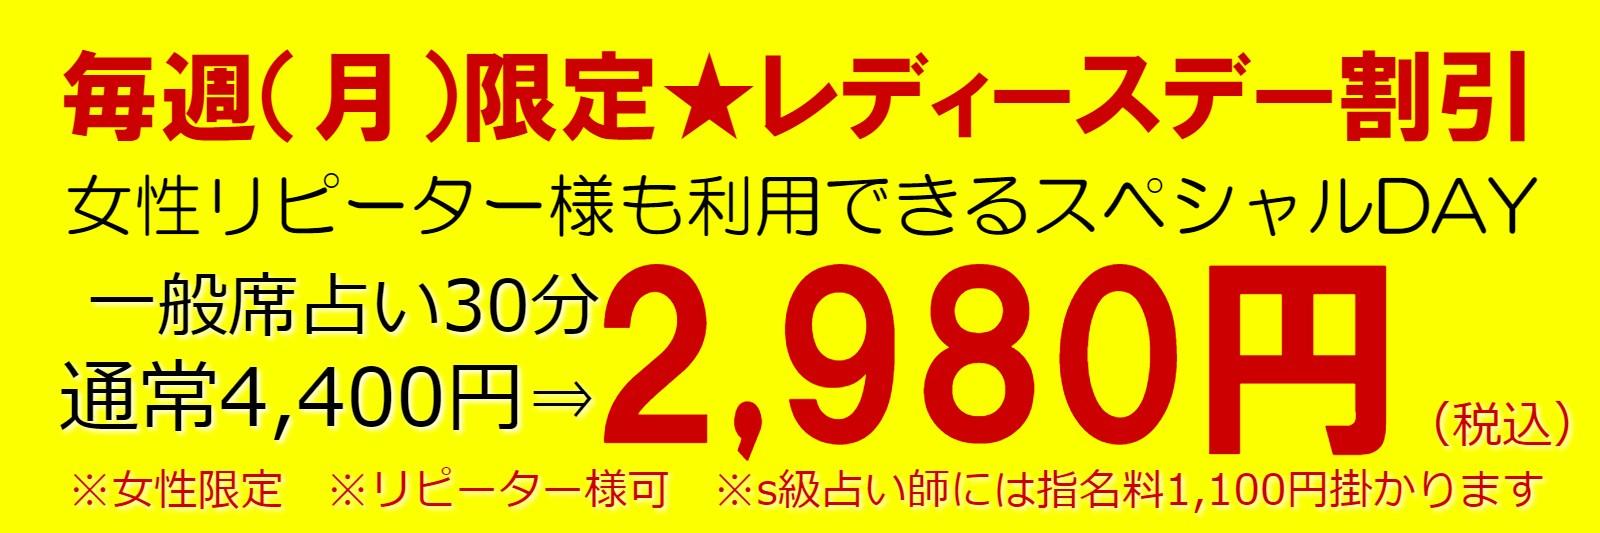 東京渋谷占いなら毎週(月)限定・レディースデー割引・女性リピーター様も利用できるスペシャルデーがオススメ!